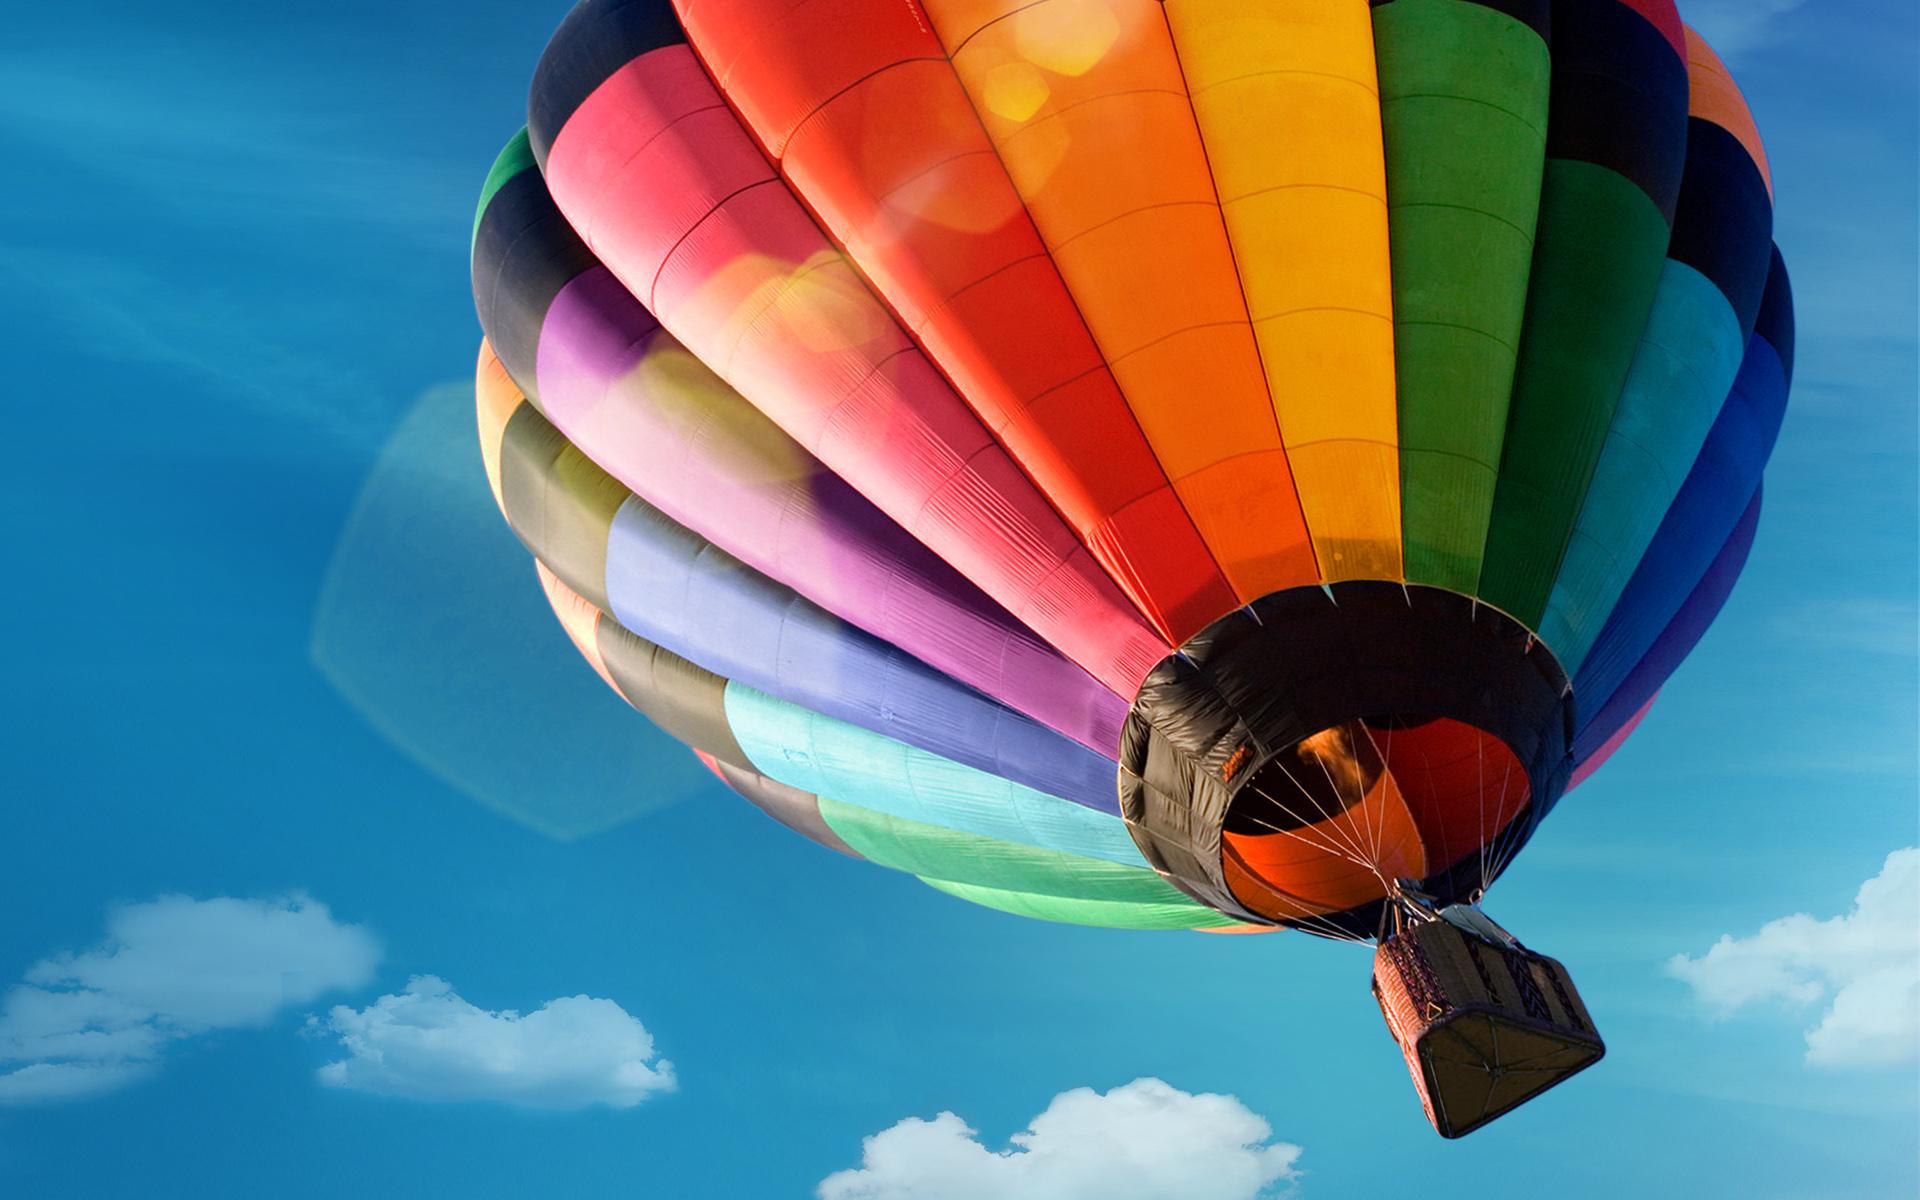 Hot Balloon Wallpaper Hd